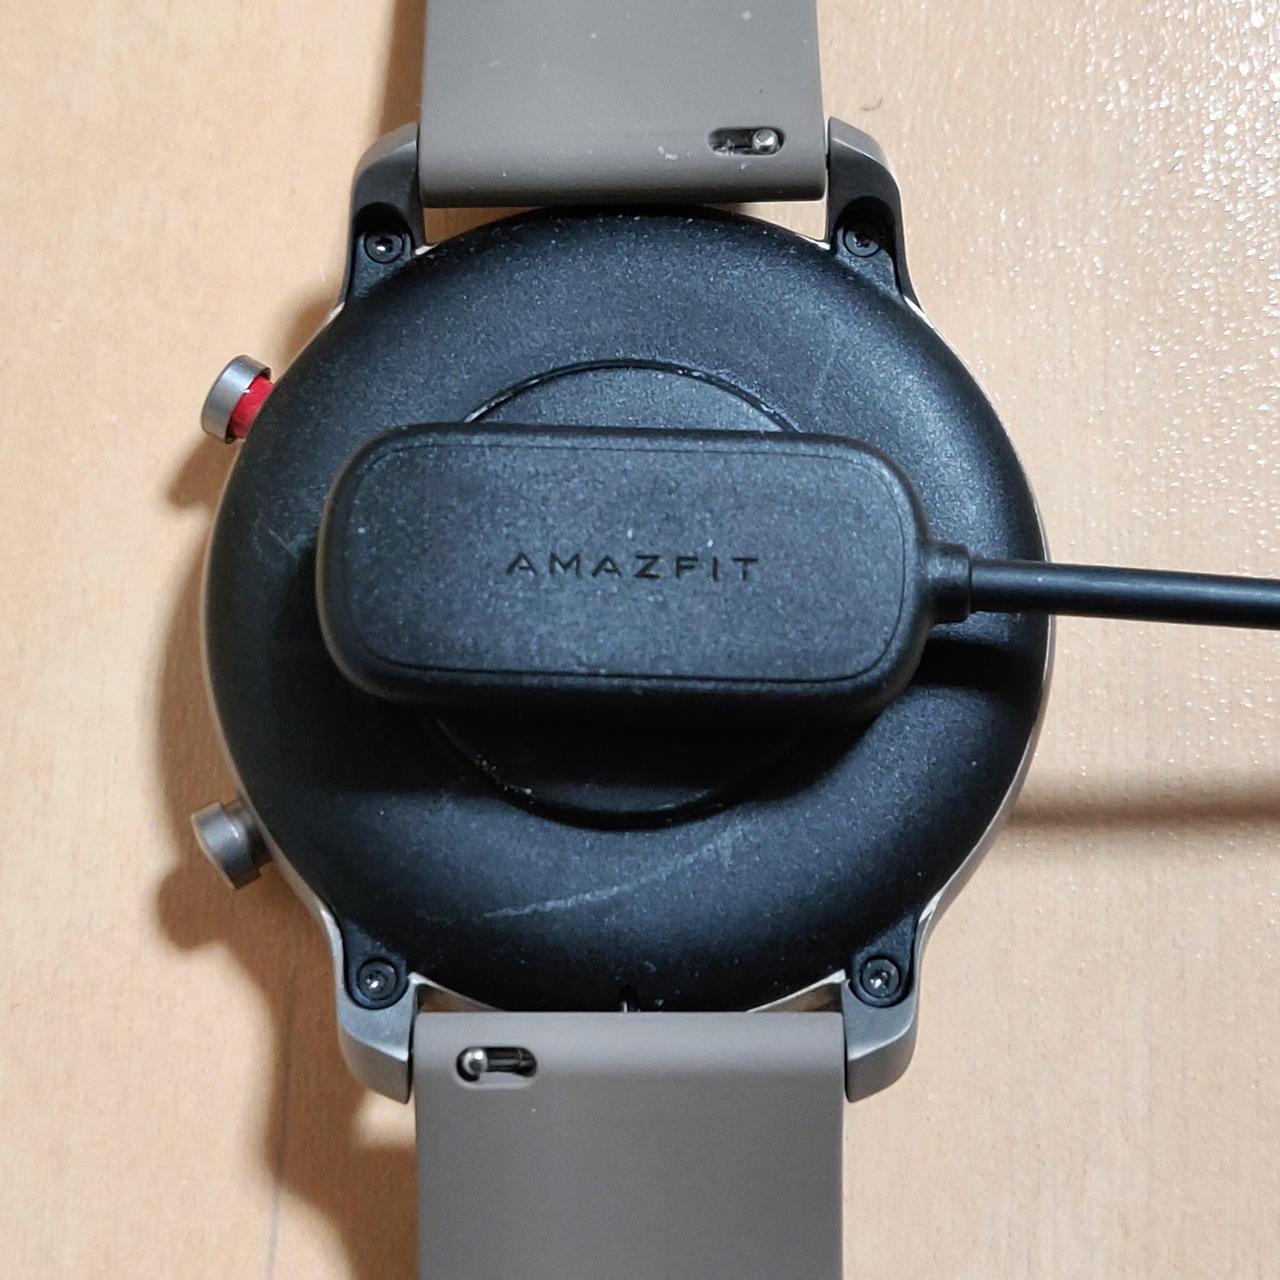 Amazfit GTRはバンドを本体から外さず腕から外してそのままマグネット式の充電コネクタを接続するだけで充電開始